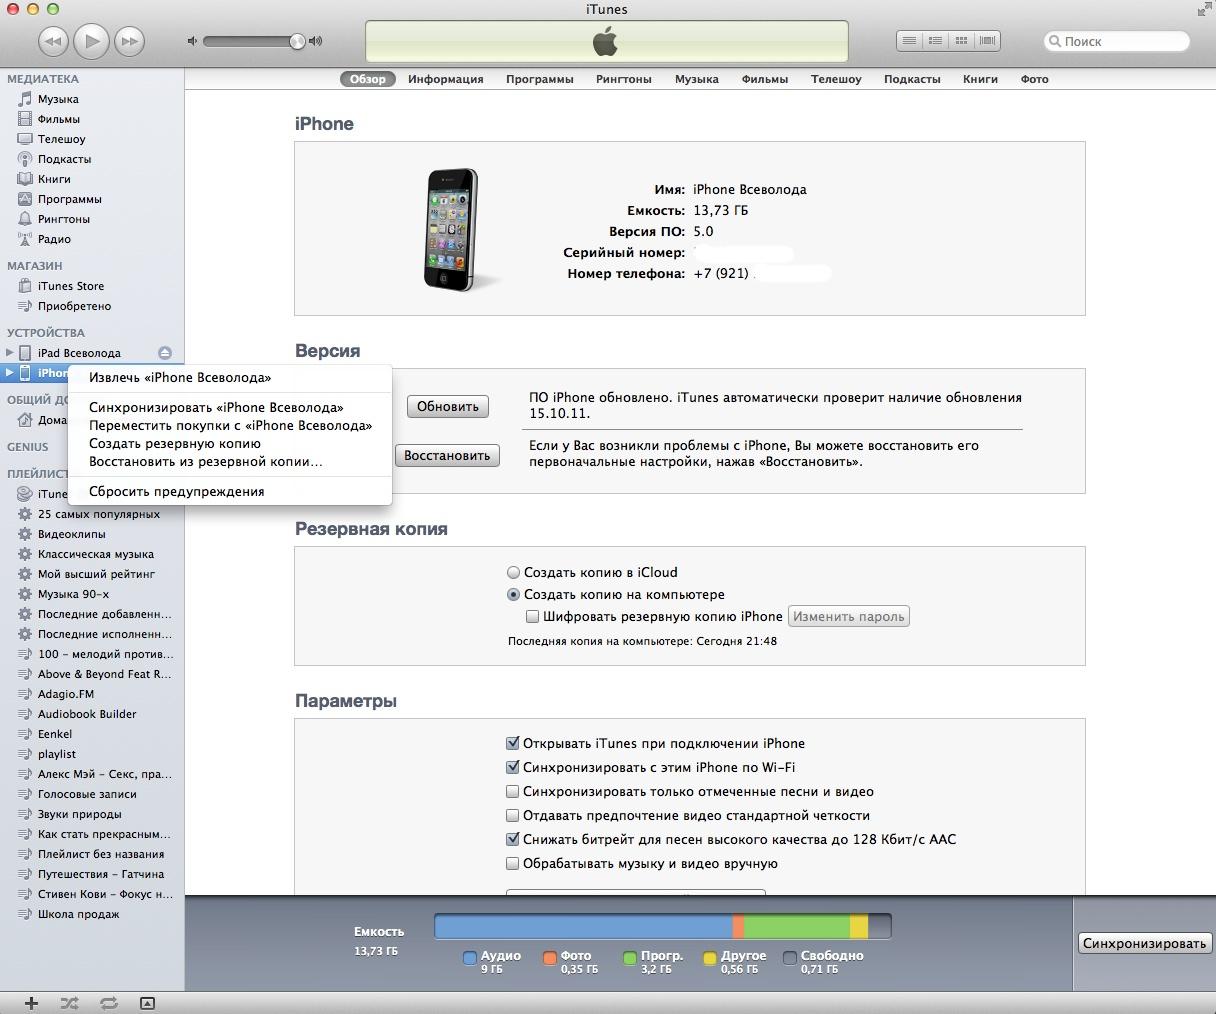 Как сделать резервную копию iphone на компьютер фото 72